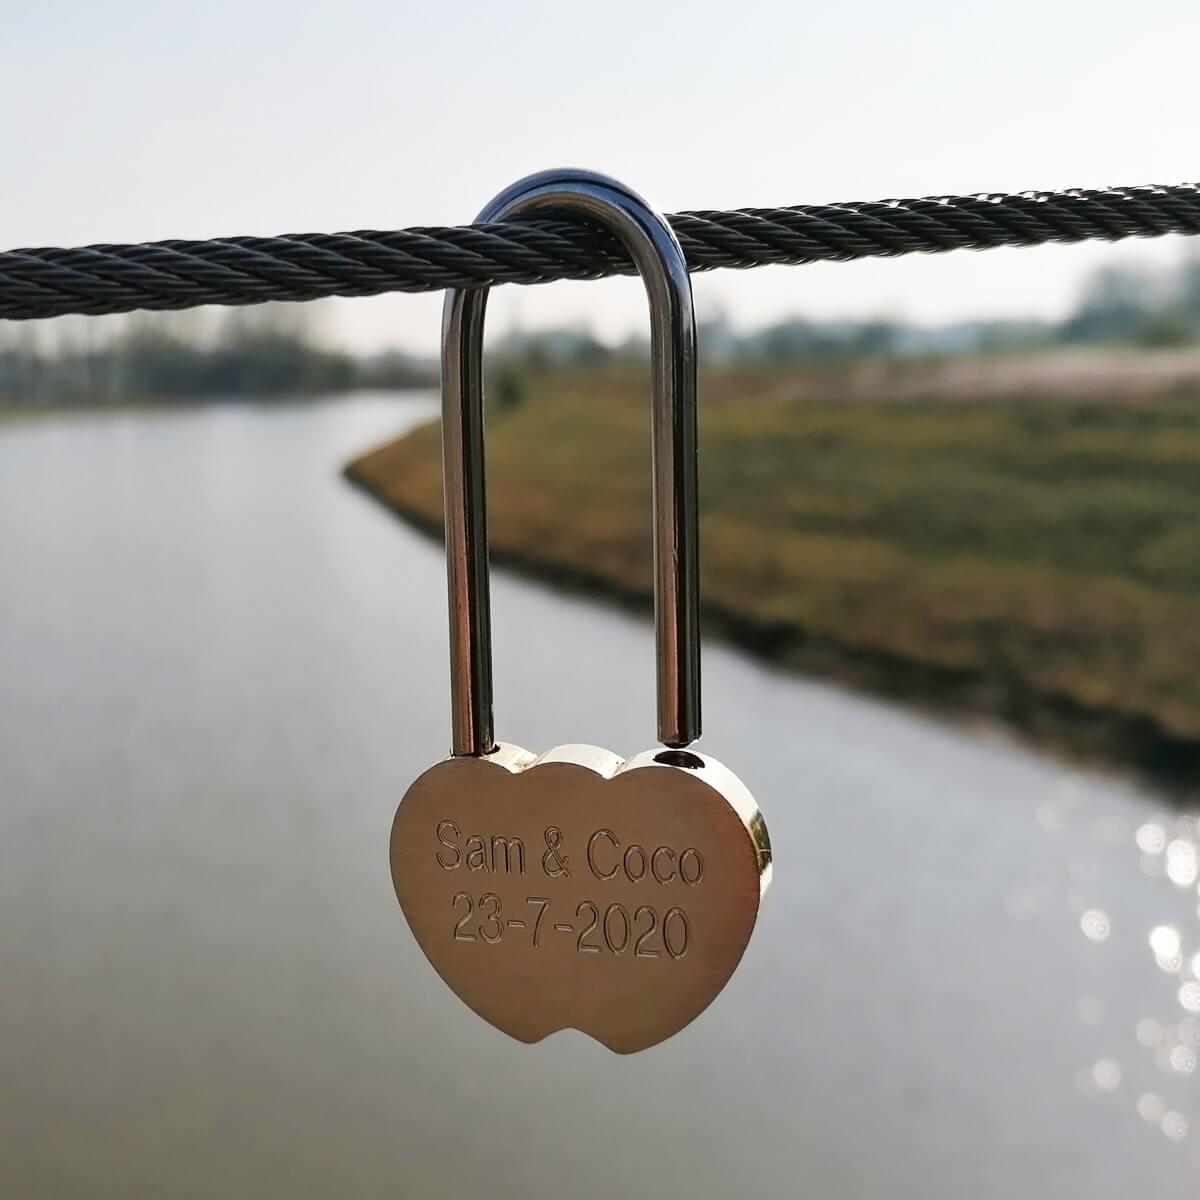 Romantisch cadeau geven